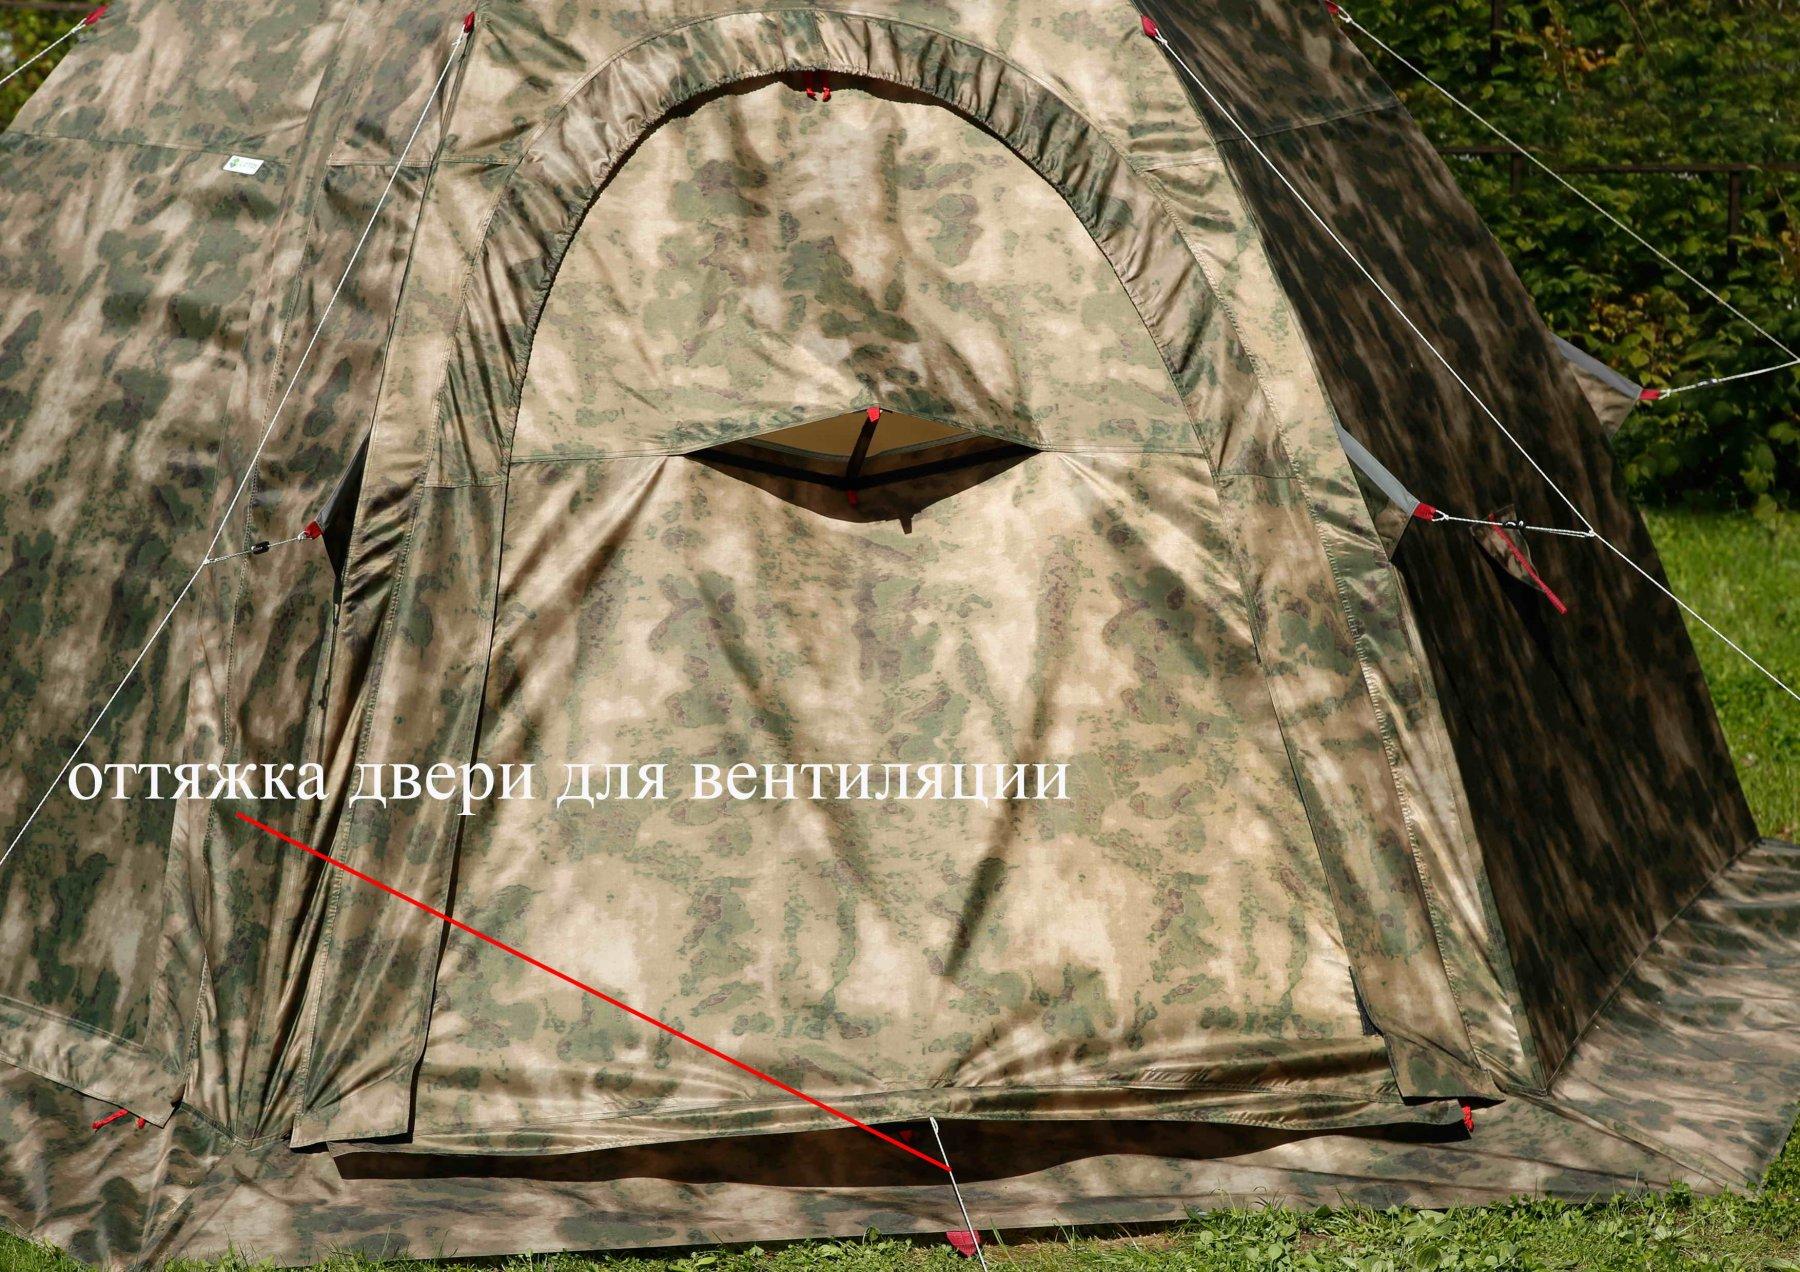 29_Универсальная палатка ЛОТОС 5У (нижняя вентиляция)